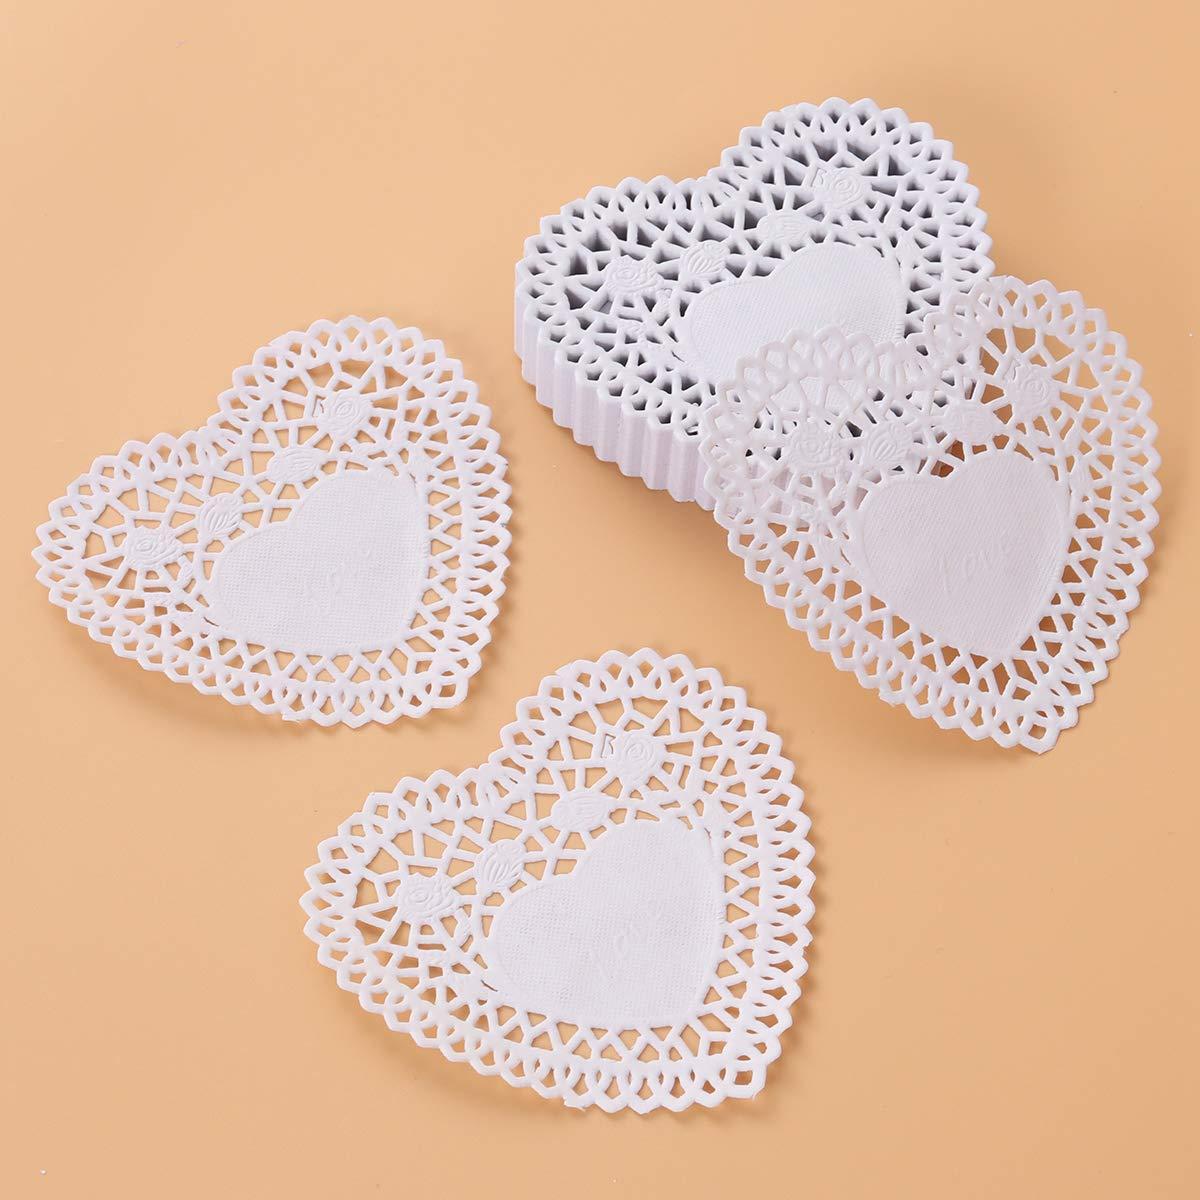 per Cottura di Torte 250 Pezzi Ideali per Matrimoni e stoviglie Tovaglioli di Carta a Forma di Cuore con Pizzo 10 cm Colore: Bianco Vosarea